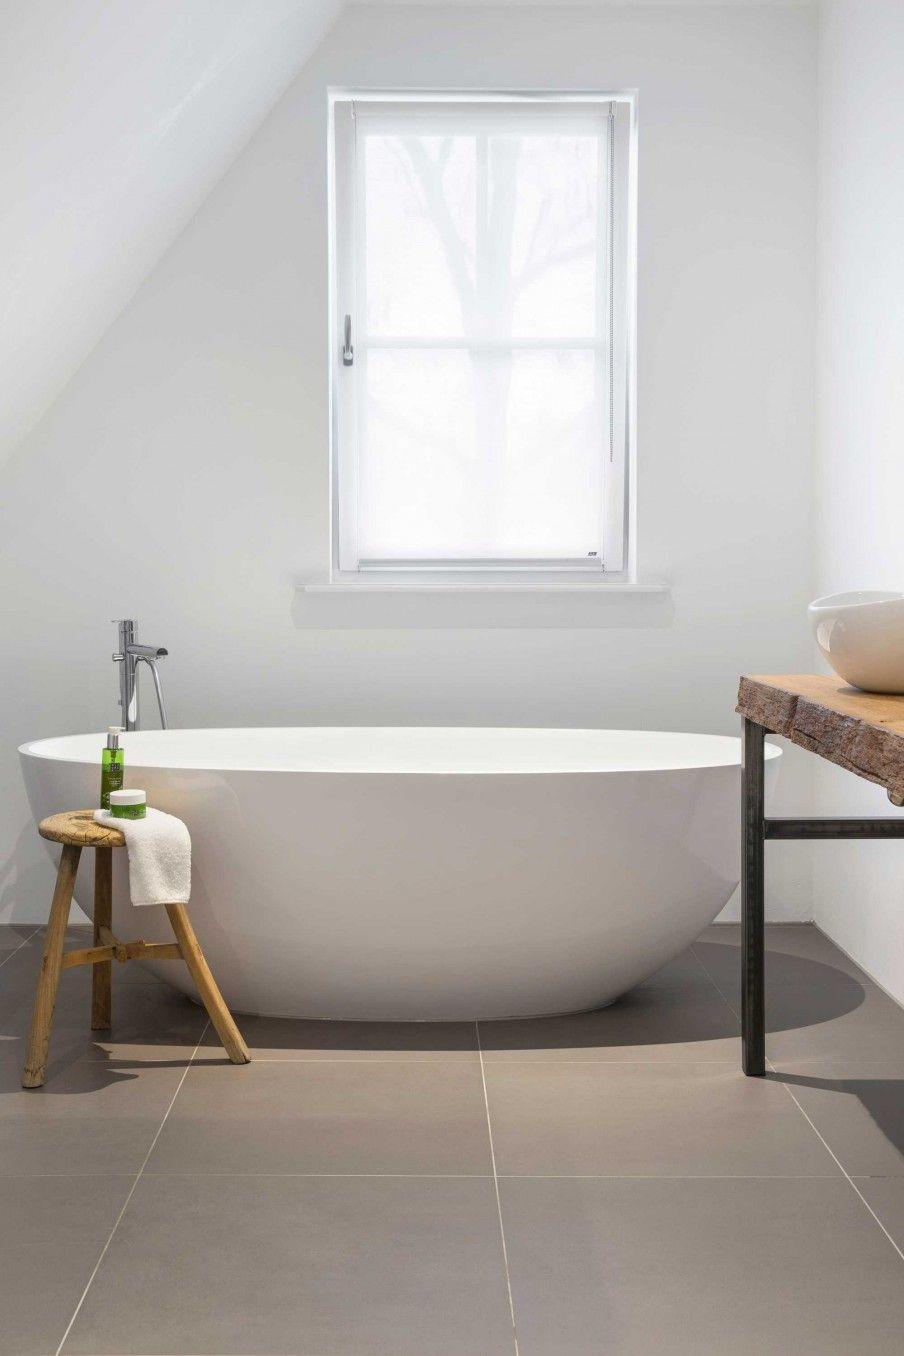 Combi onze tegel + volledig witte badkamer | Bathroom | Pinterest ...